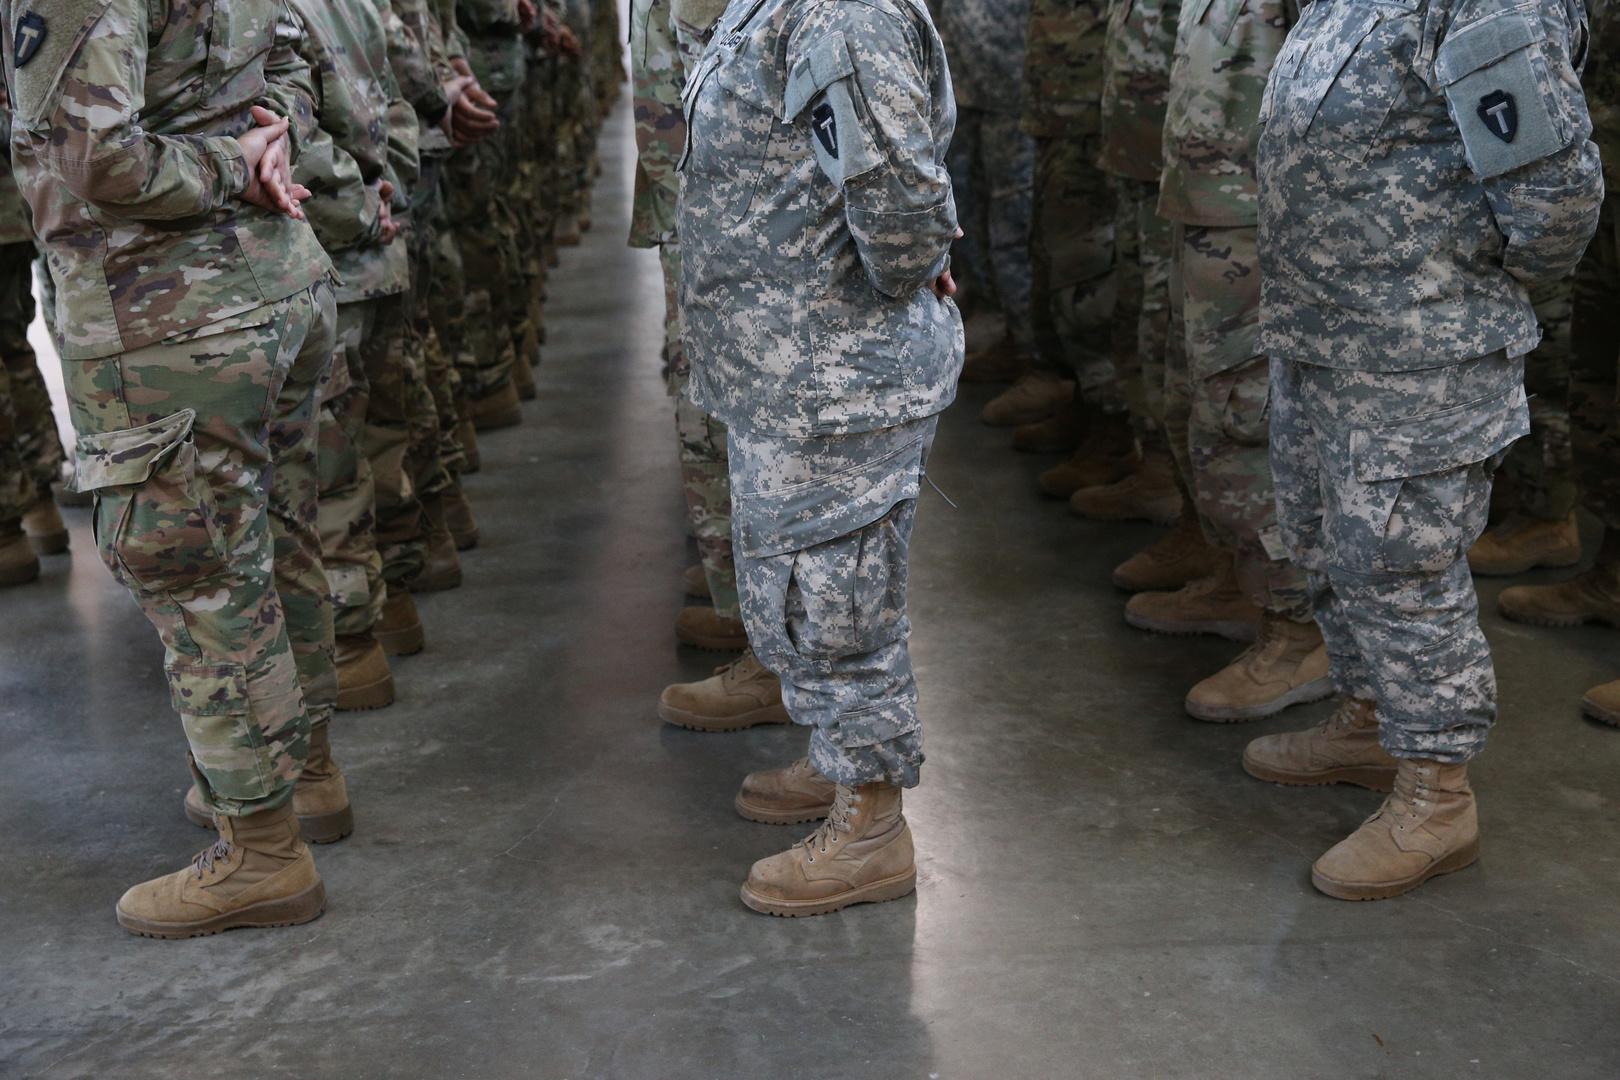 تسجيل إصابات جديدة بكورونا في صفوف القوات الأمريكية بكوريا الجنوبية